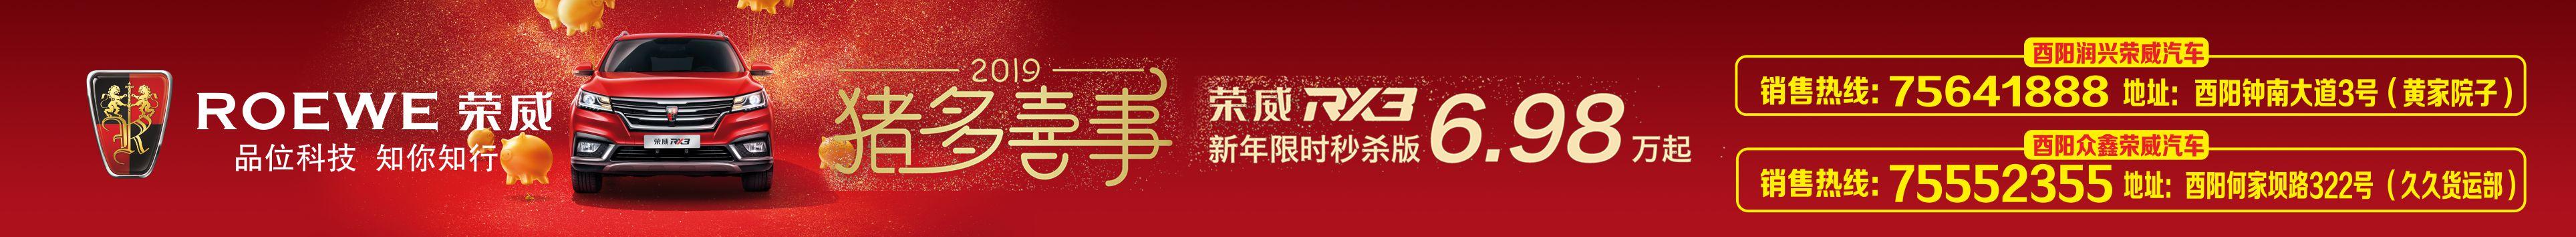 重庆汽车公司